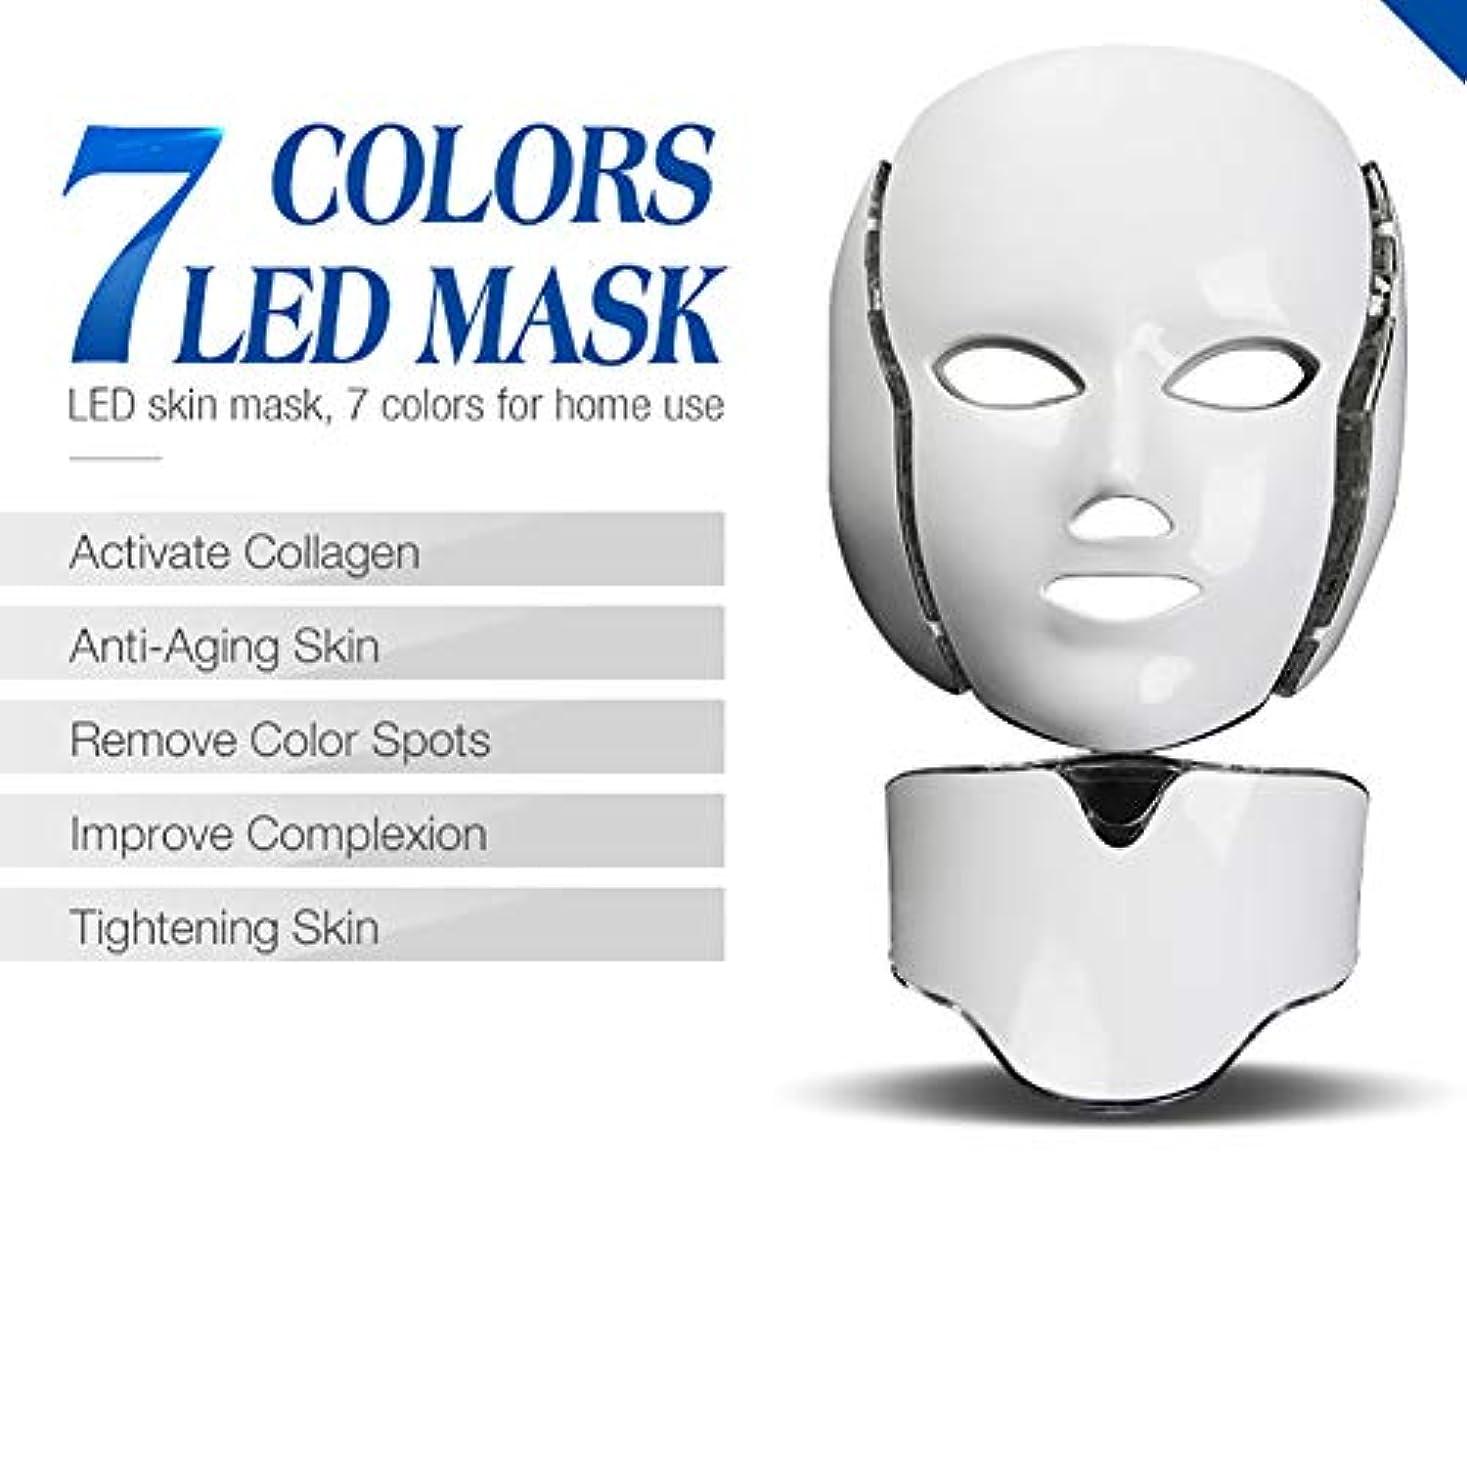 法医学結晶もちろん7色ledフェイスマスク、7色電気ledフェイシャルマスク付きネック肌の若返り抗にきびシワ美容トリートメントサロンホームユース